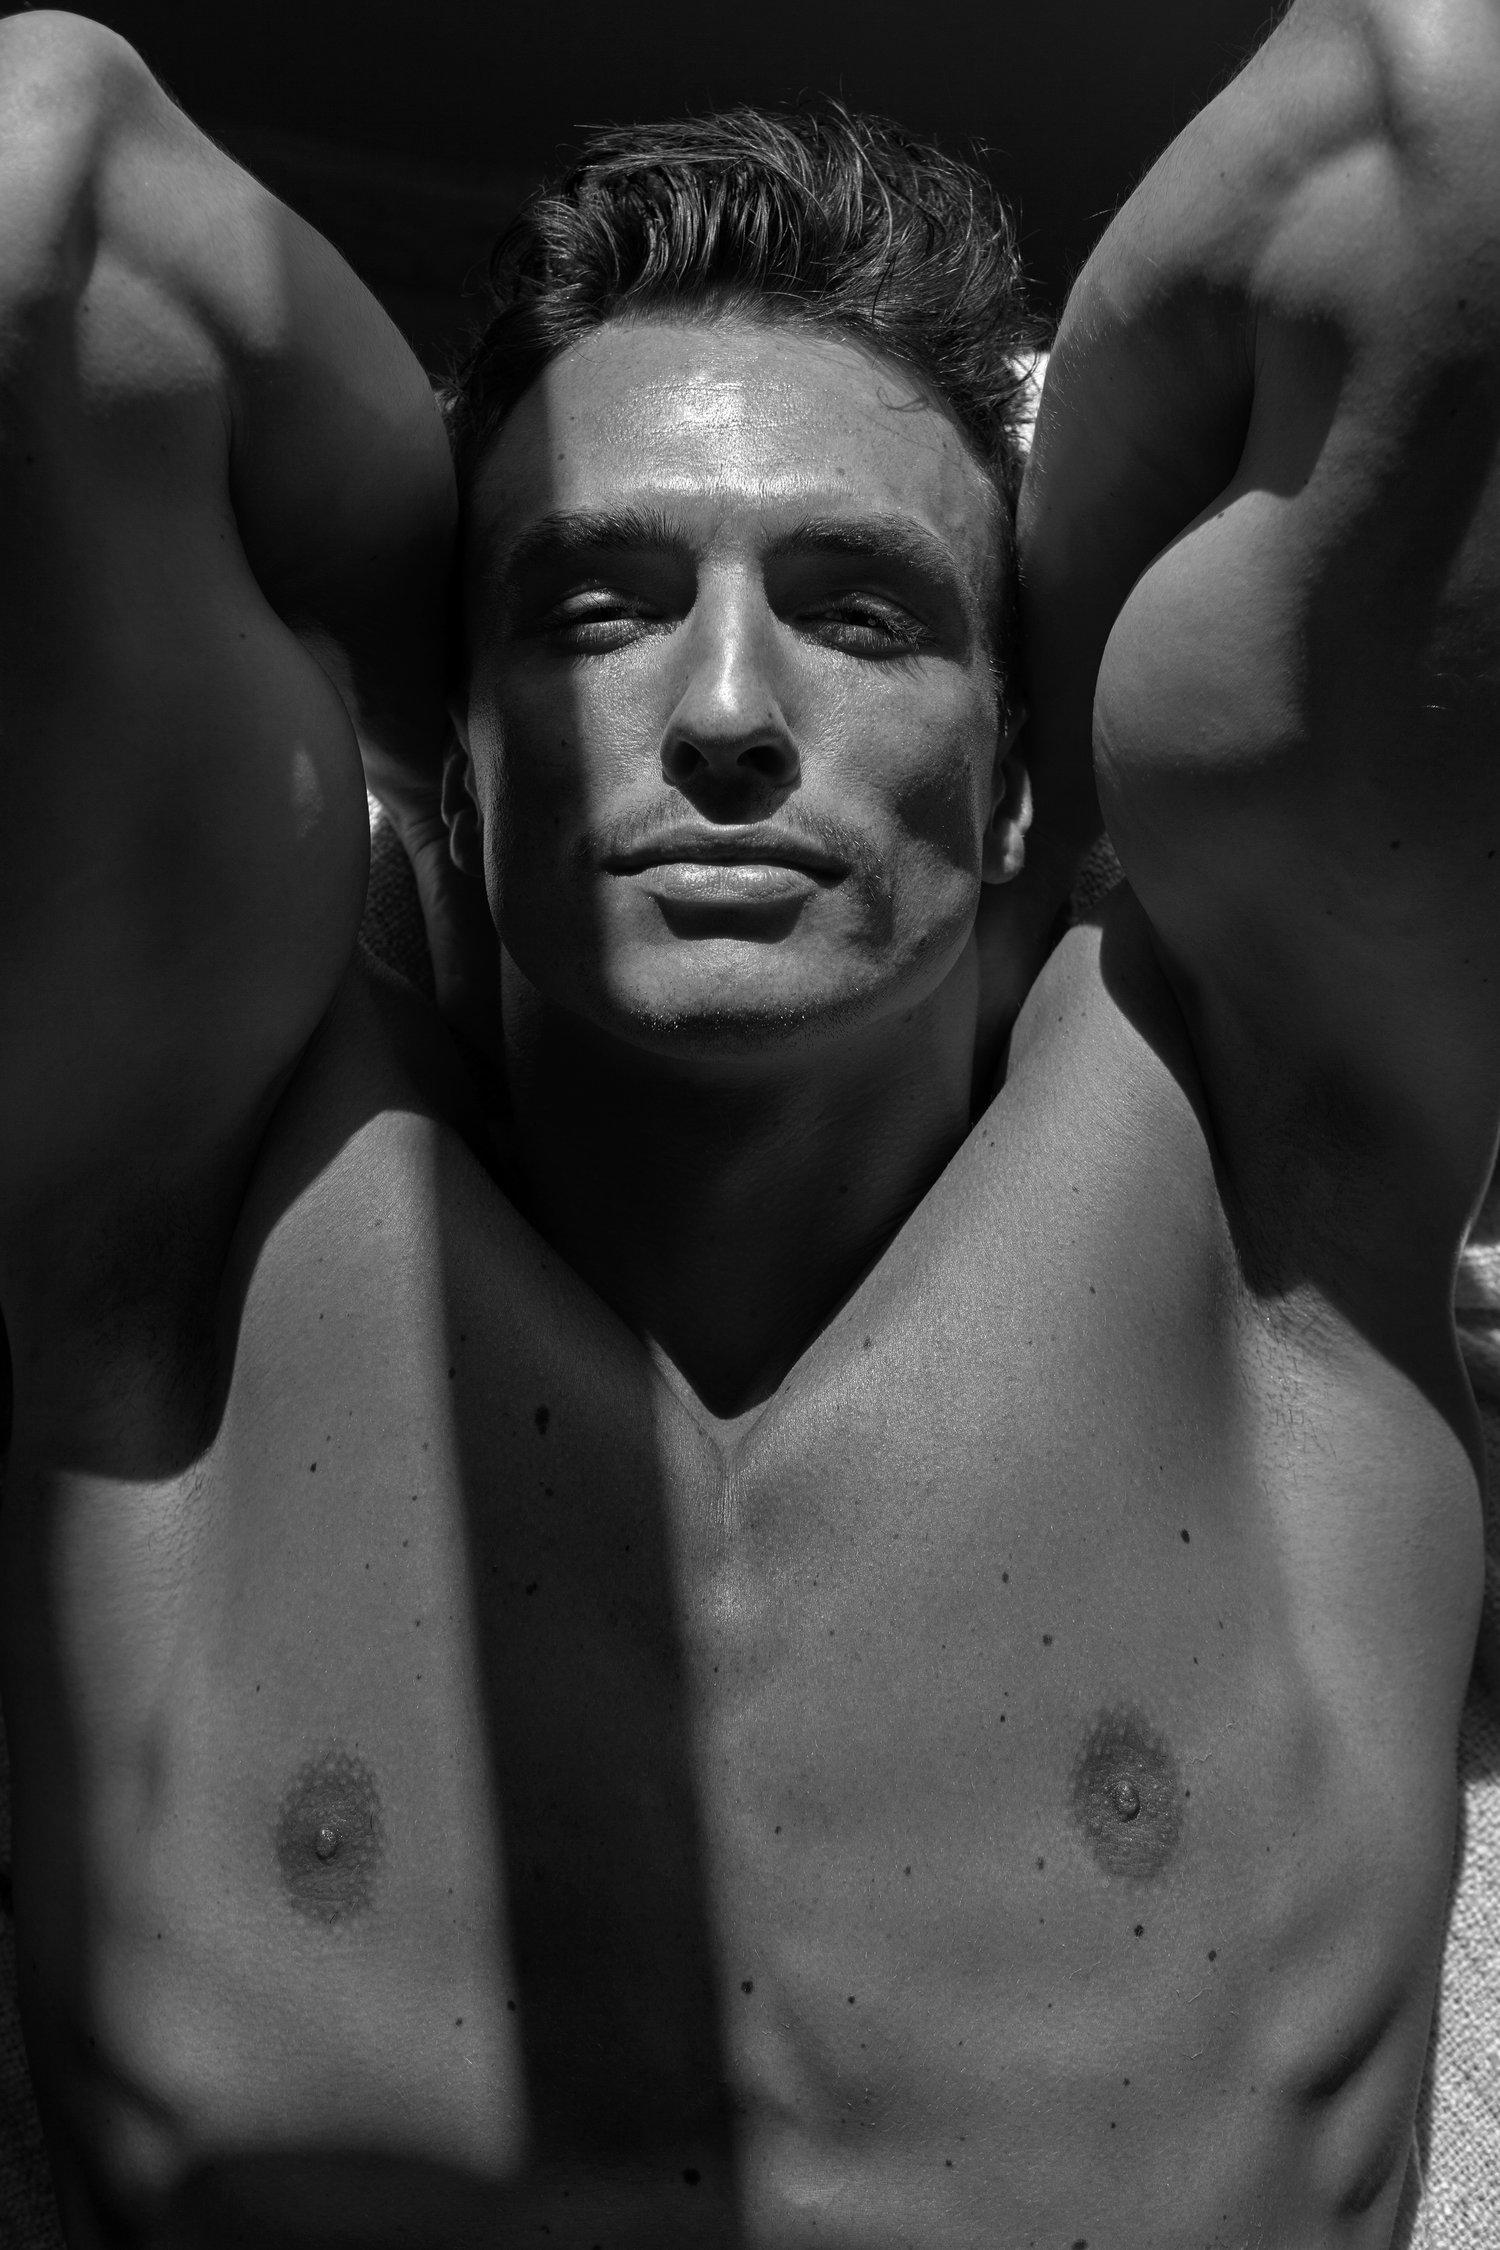 Adon Exclusive: Model Jack Masim Lane By Phil Nguyen